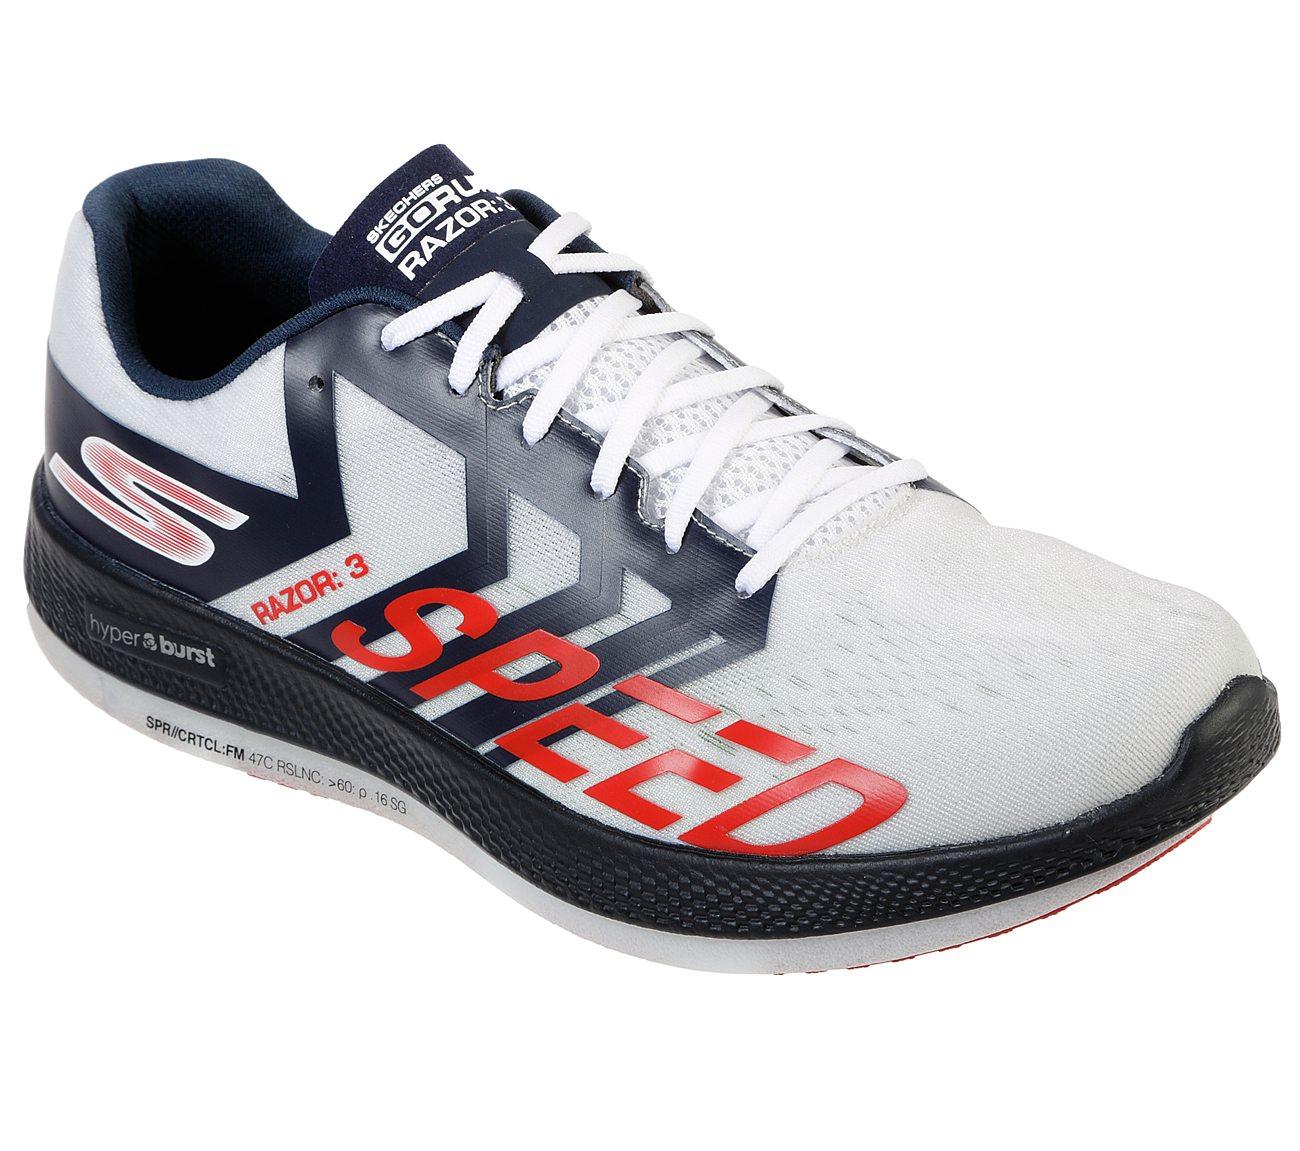 giày chạy - thương hiệu sketcher gorun razor 3 hyper - giày thể thao - nam giới - elle man